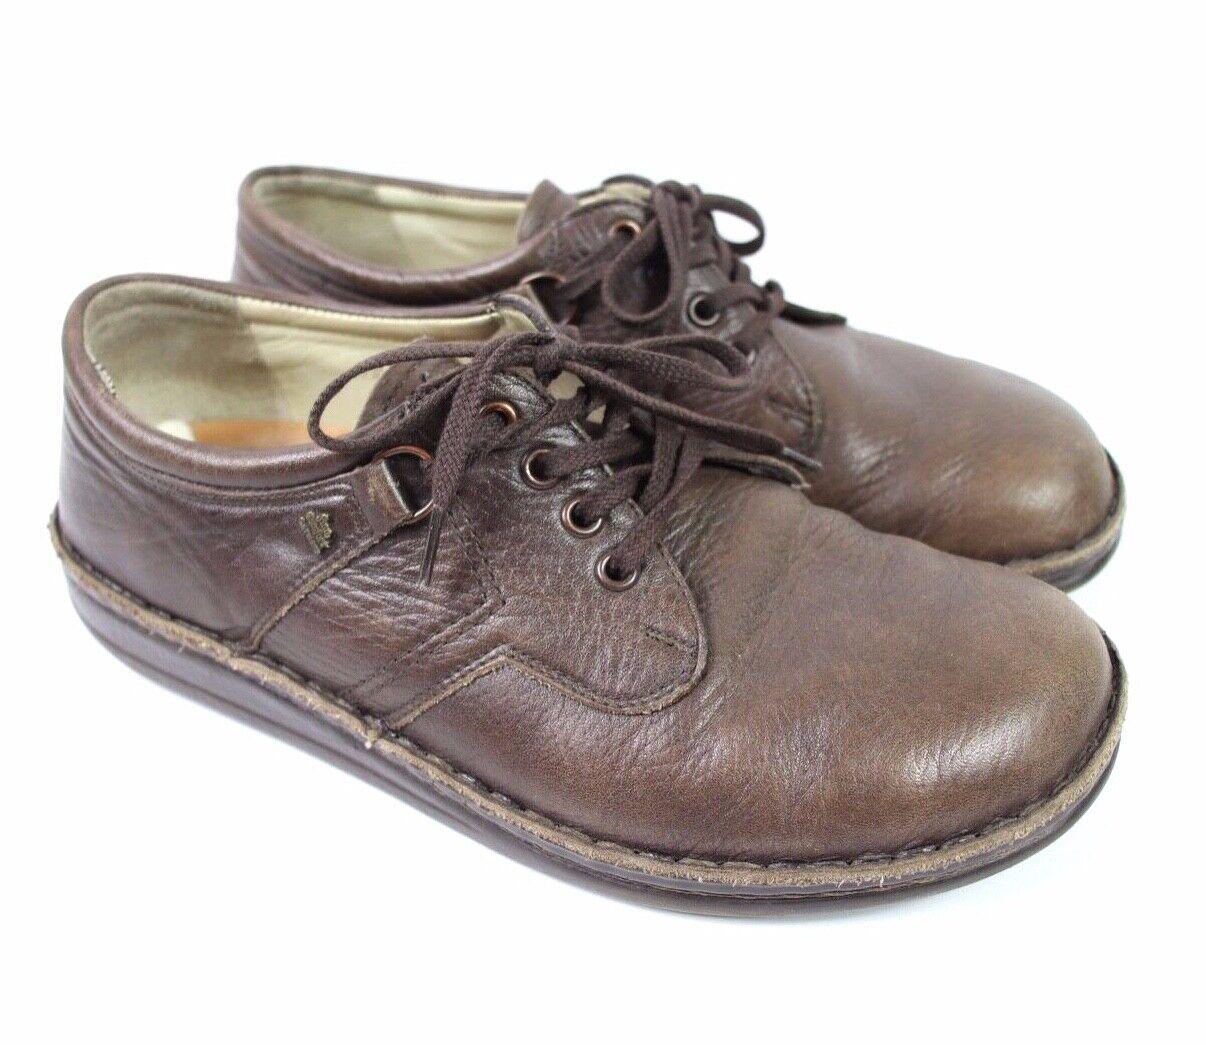 Finn Confort Homme Chaussures Derbies en cuir à lacets Décontracté marron SZ 39 US 8